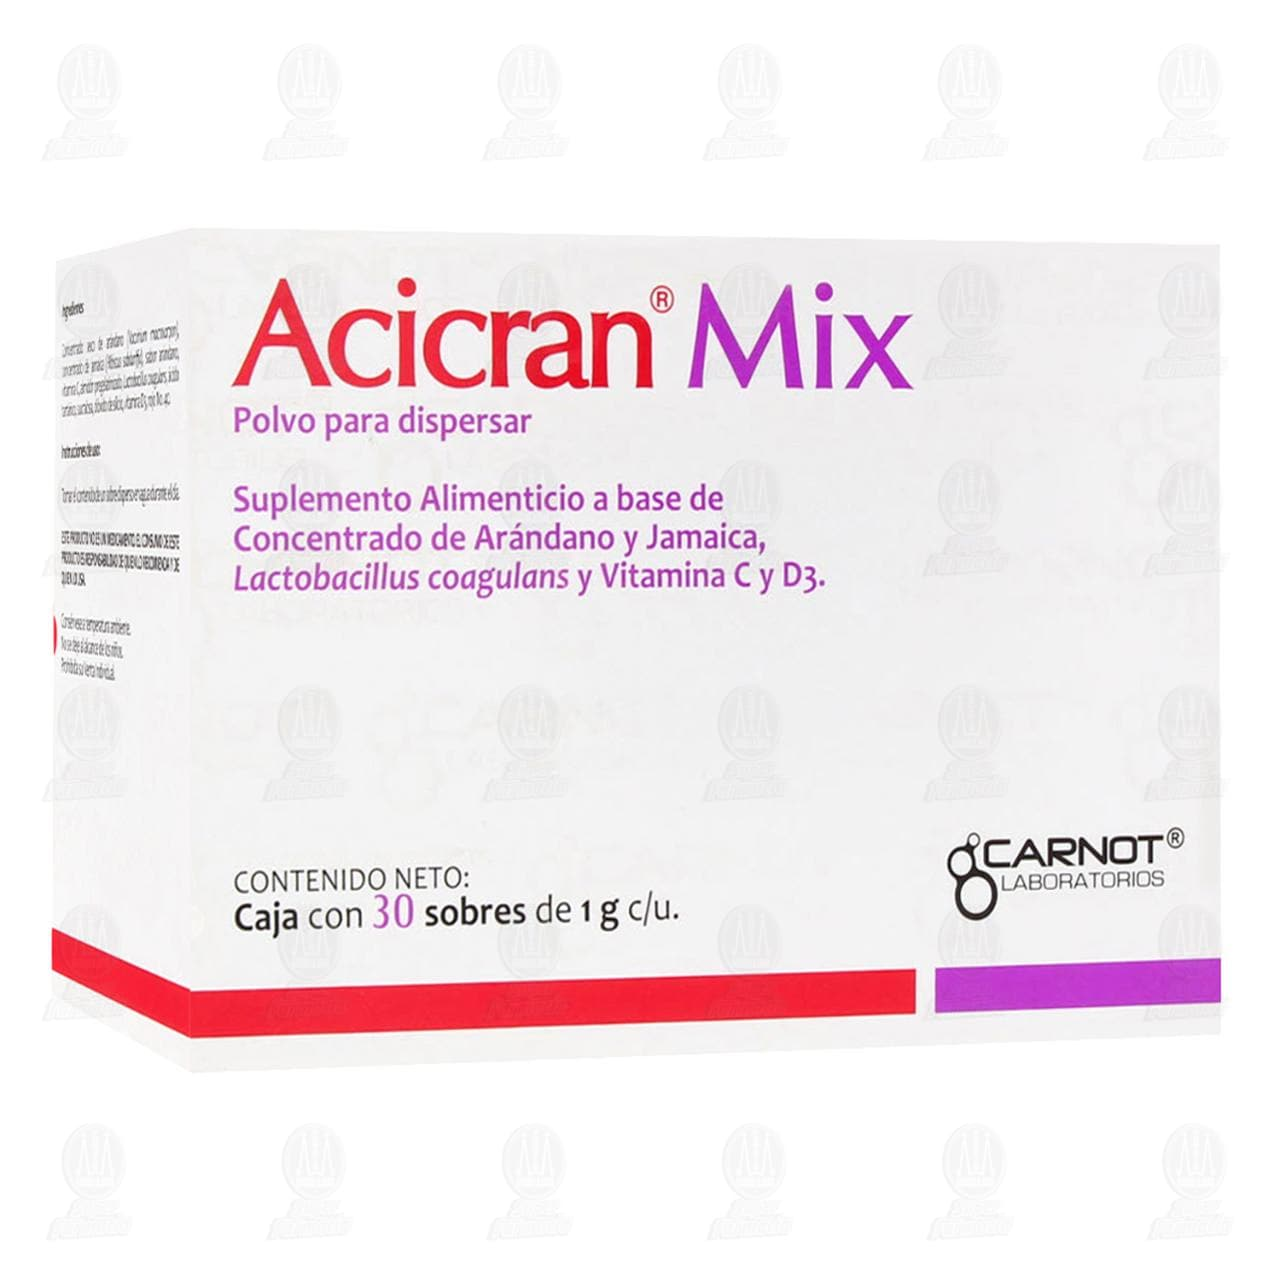 Comprar Suplemento Alimenticio Acicran Mix en Polvo, 30 Sobres de 1gr c/u. en Farmacias Guadalajara